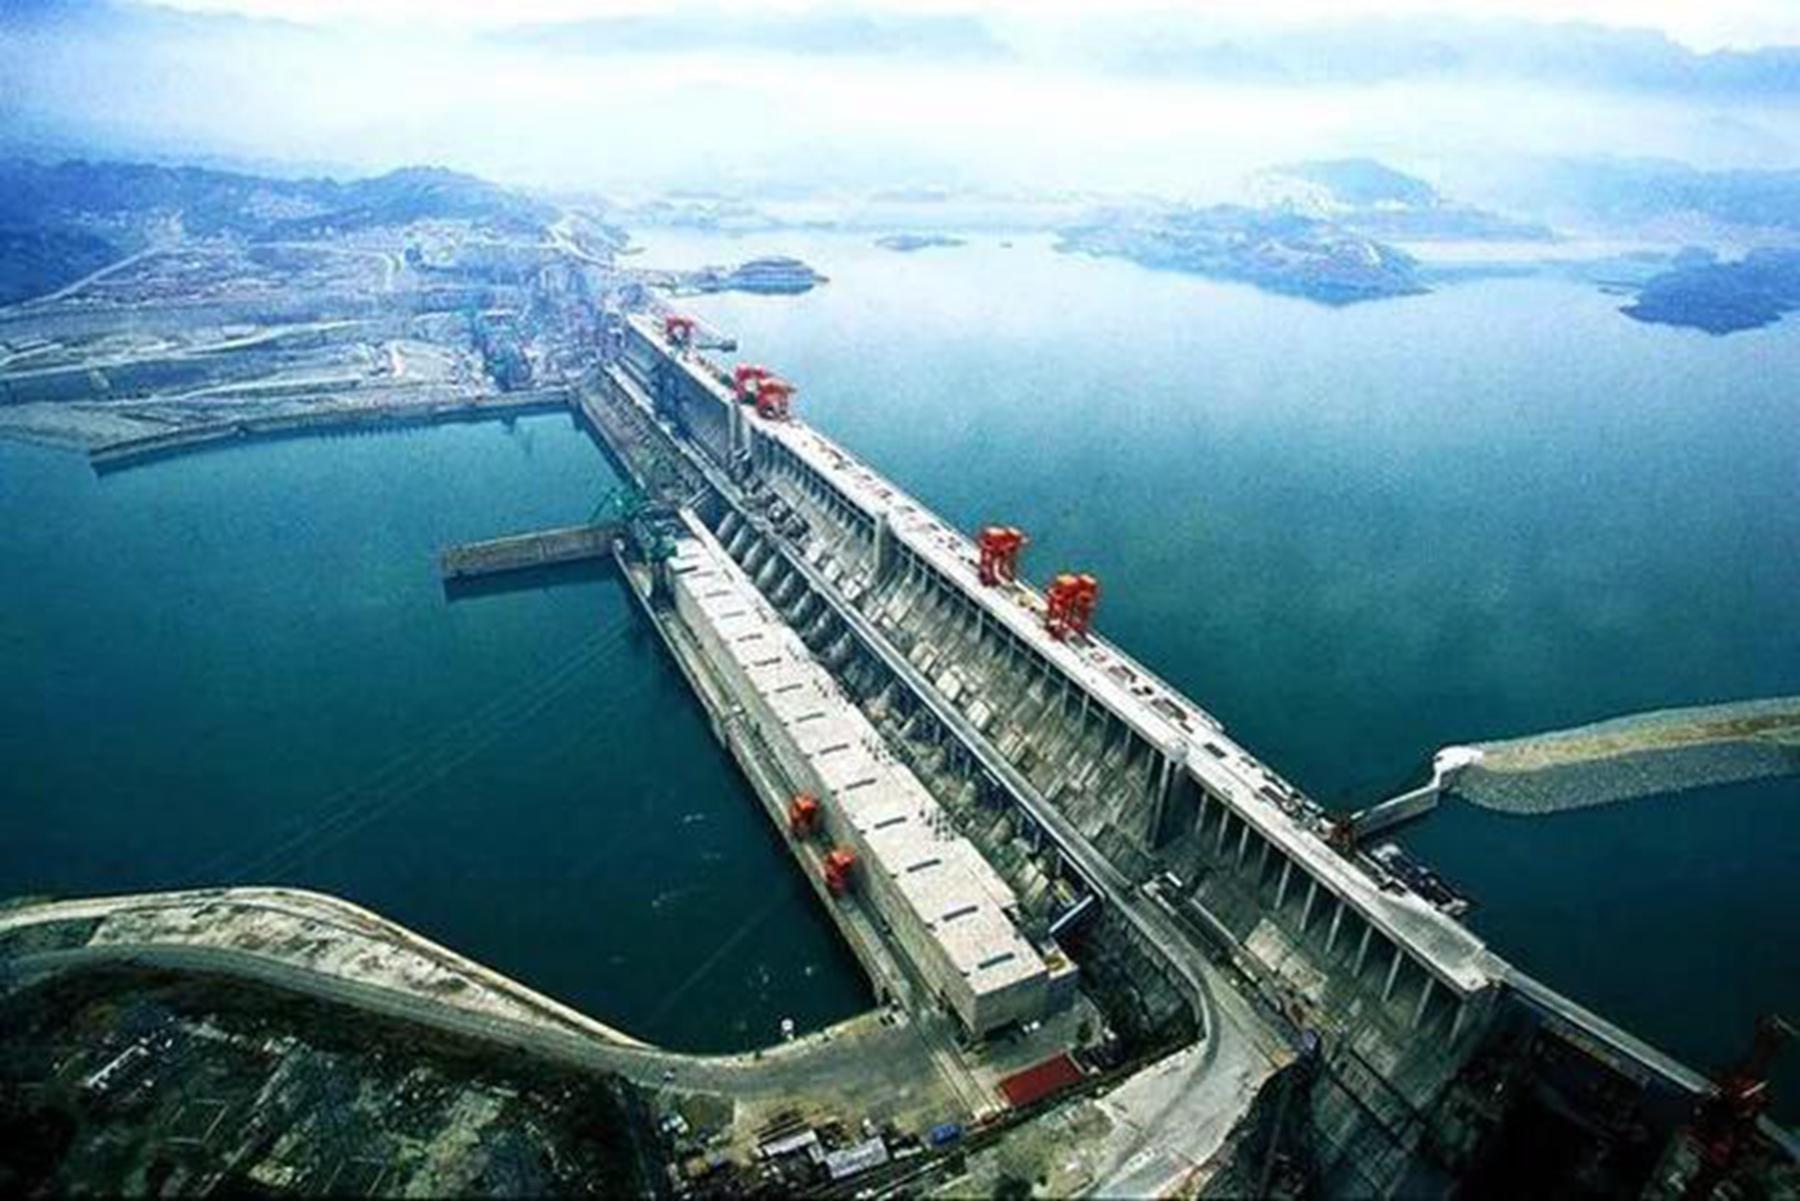 三峡大坝建成后,使地球自转轴偏移三厘米 这是真的吗